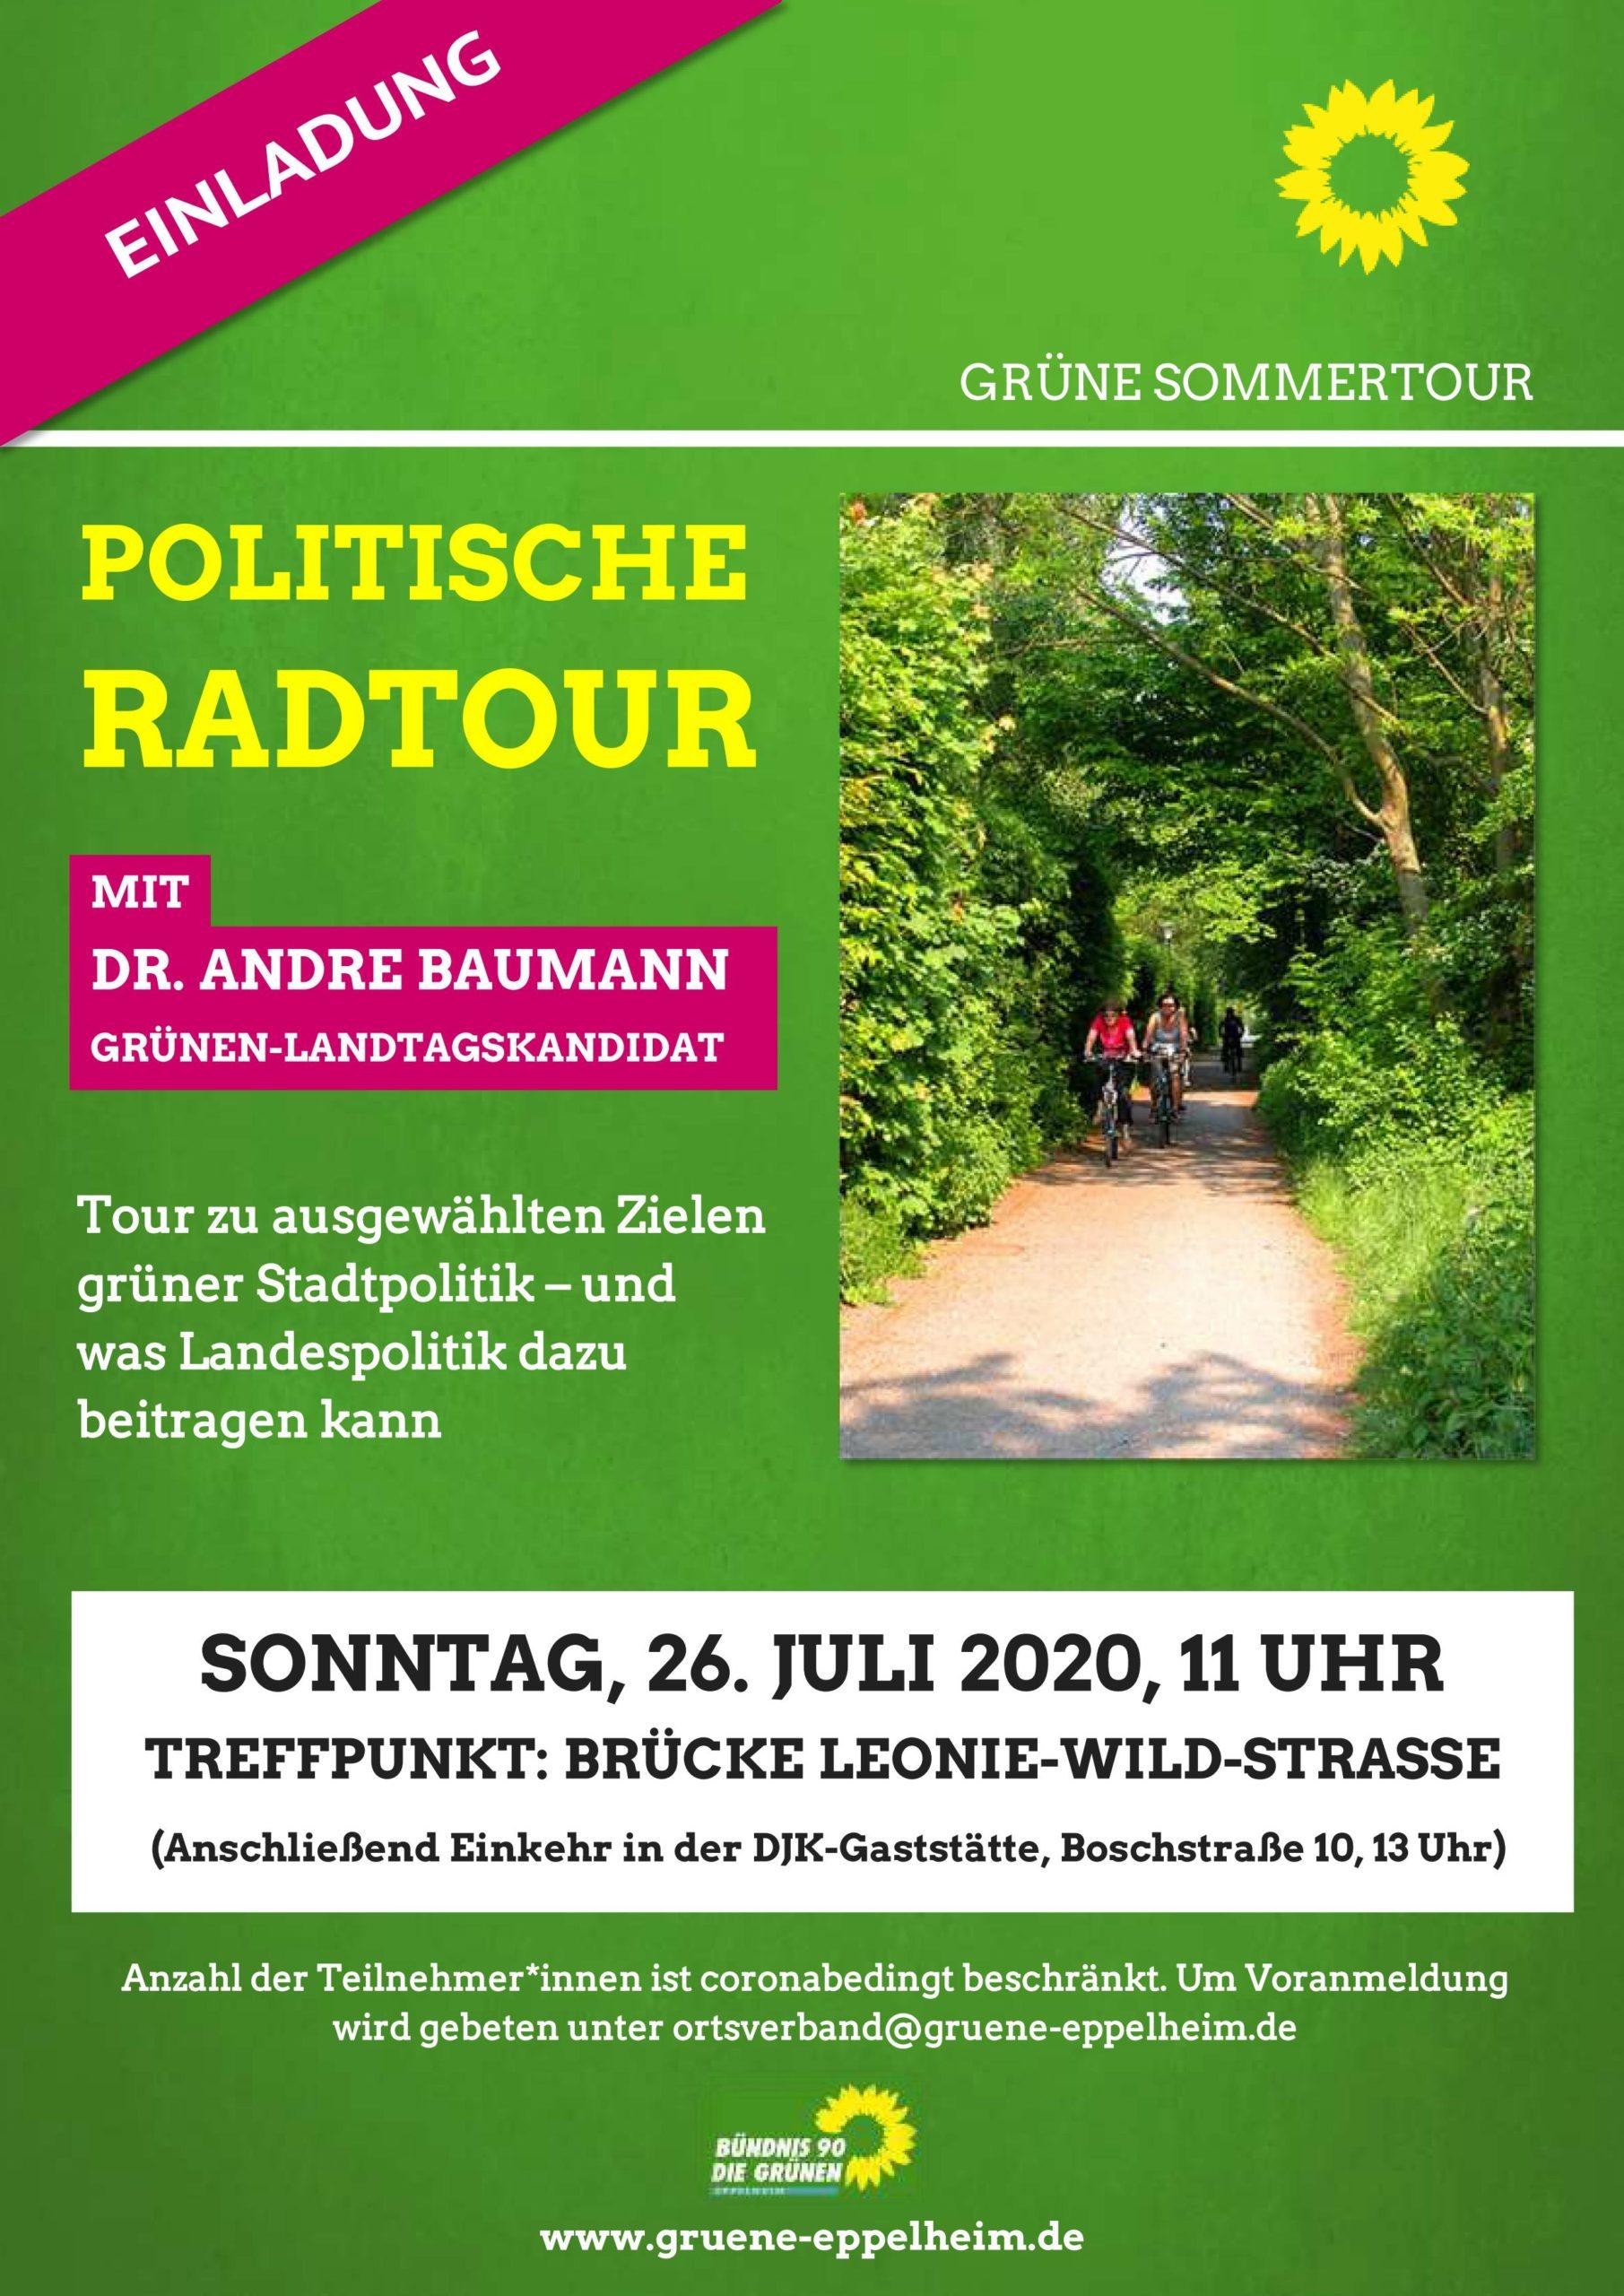 Einladung zur politischen Radtour mit Dr. Andre Baumann